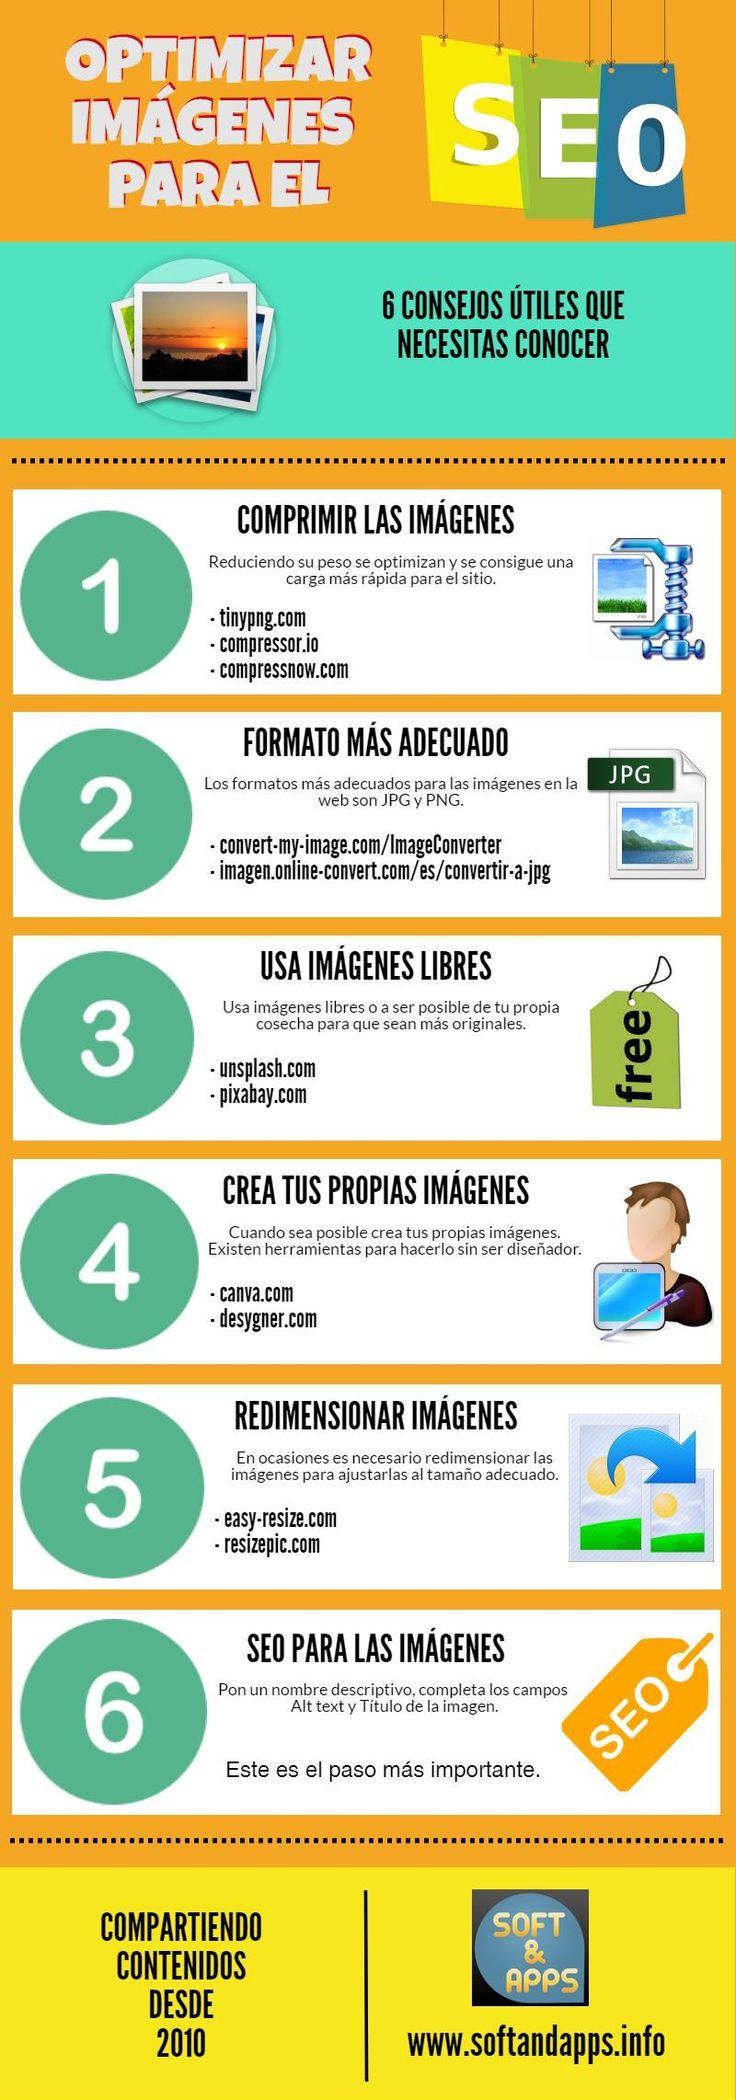 Te ofrezco 6 útiles consejos que te servirán para optimizar imágenes para SEO. Los elementos visuales son muy importantes para el posicionamiento web.